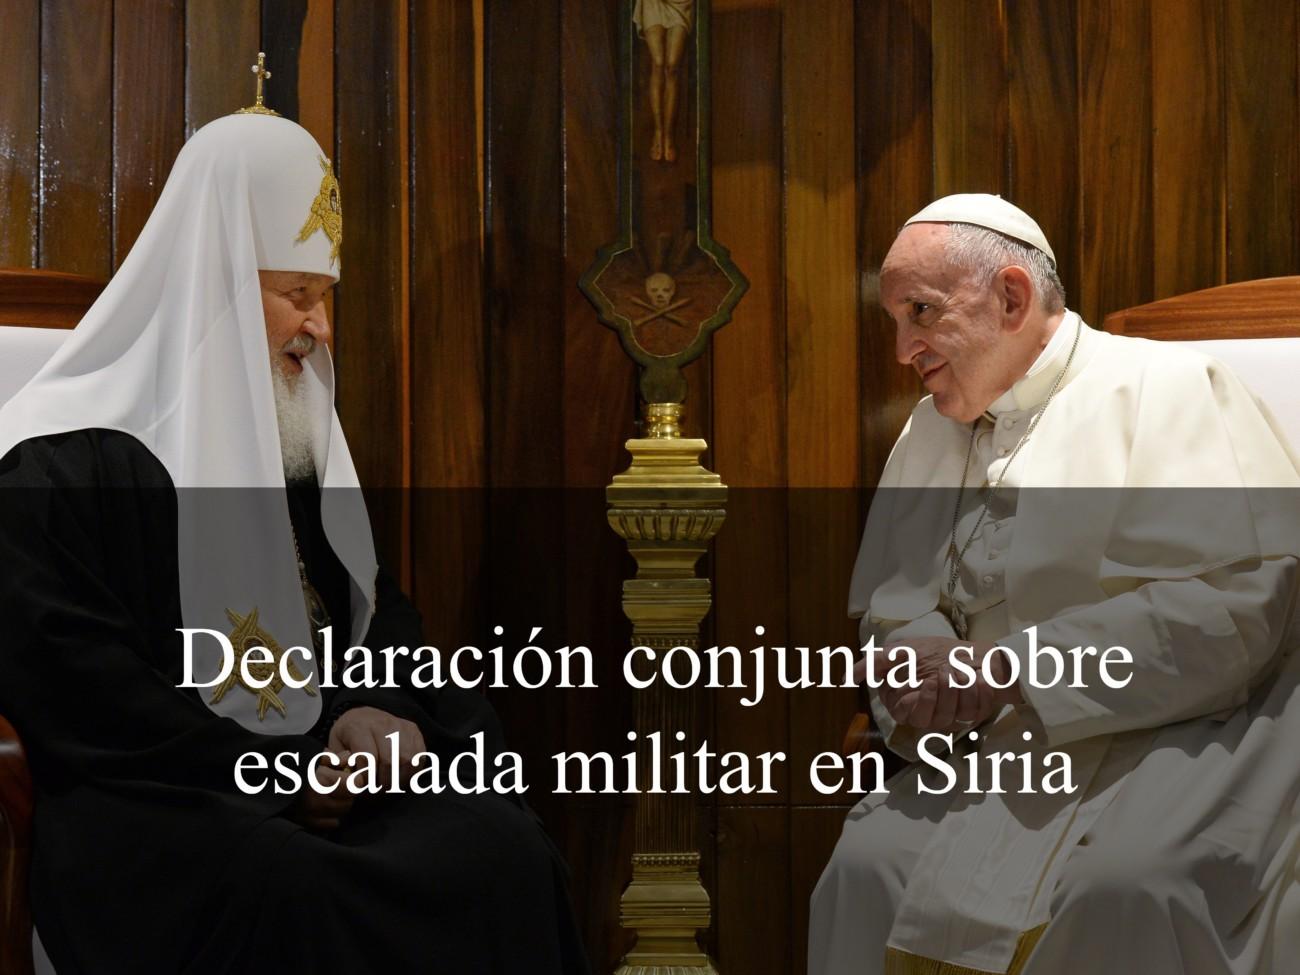 Declaración conjunta de Primados de Iglesias Ortodoxas y del Papa Francisco a raíz de la última escalada militar en Siria